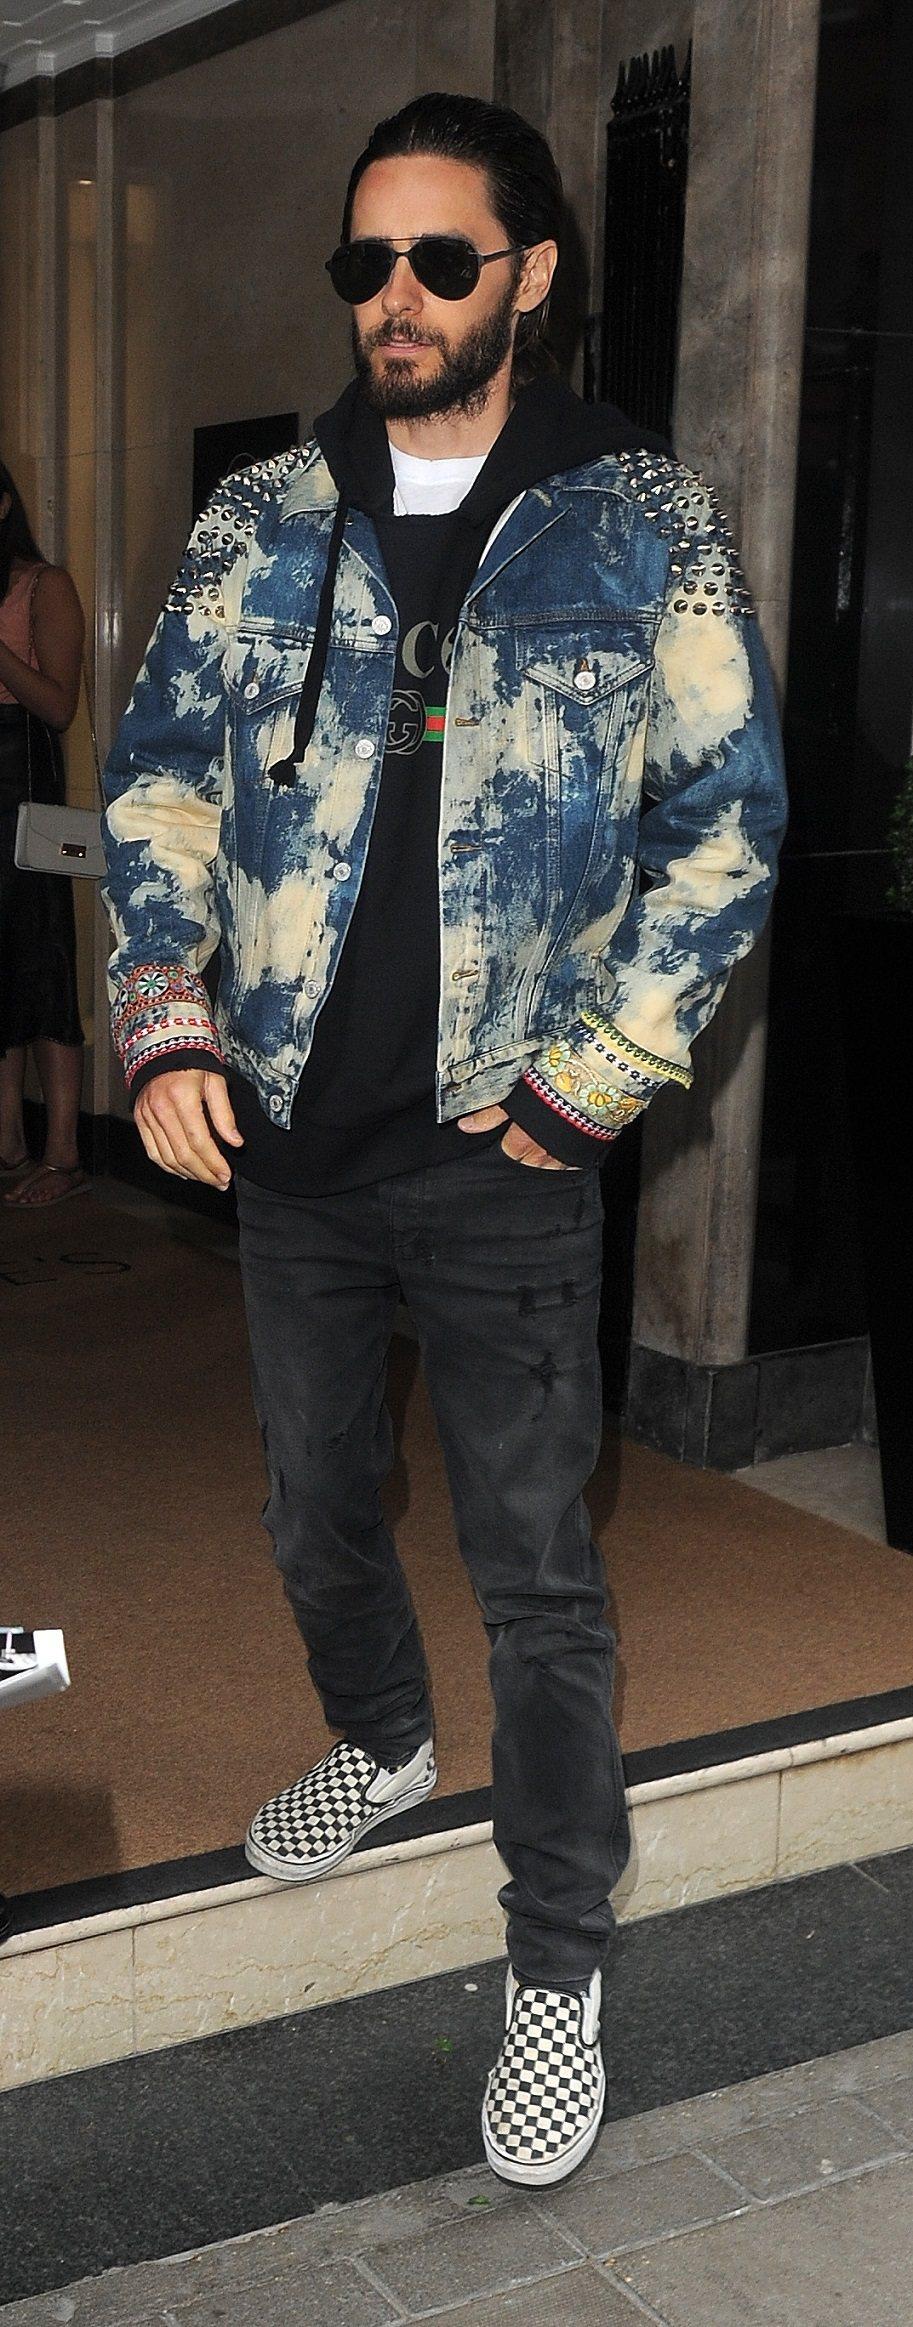 傑瑞德雷托穿著 Gucci 2017 早春鉚釘牛仔外套配Gucci印花t-shi...